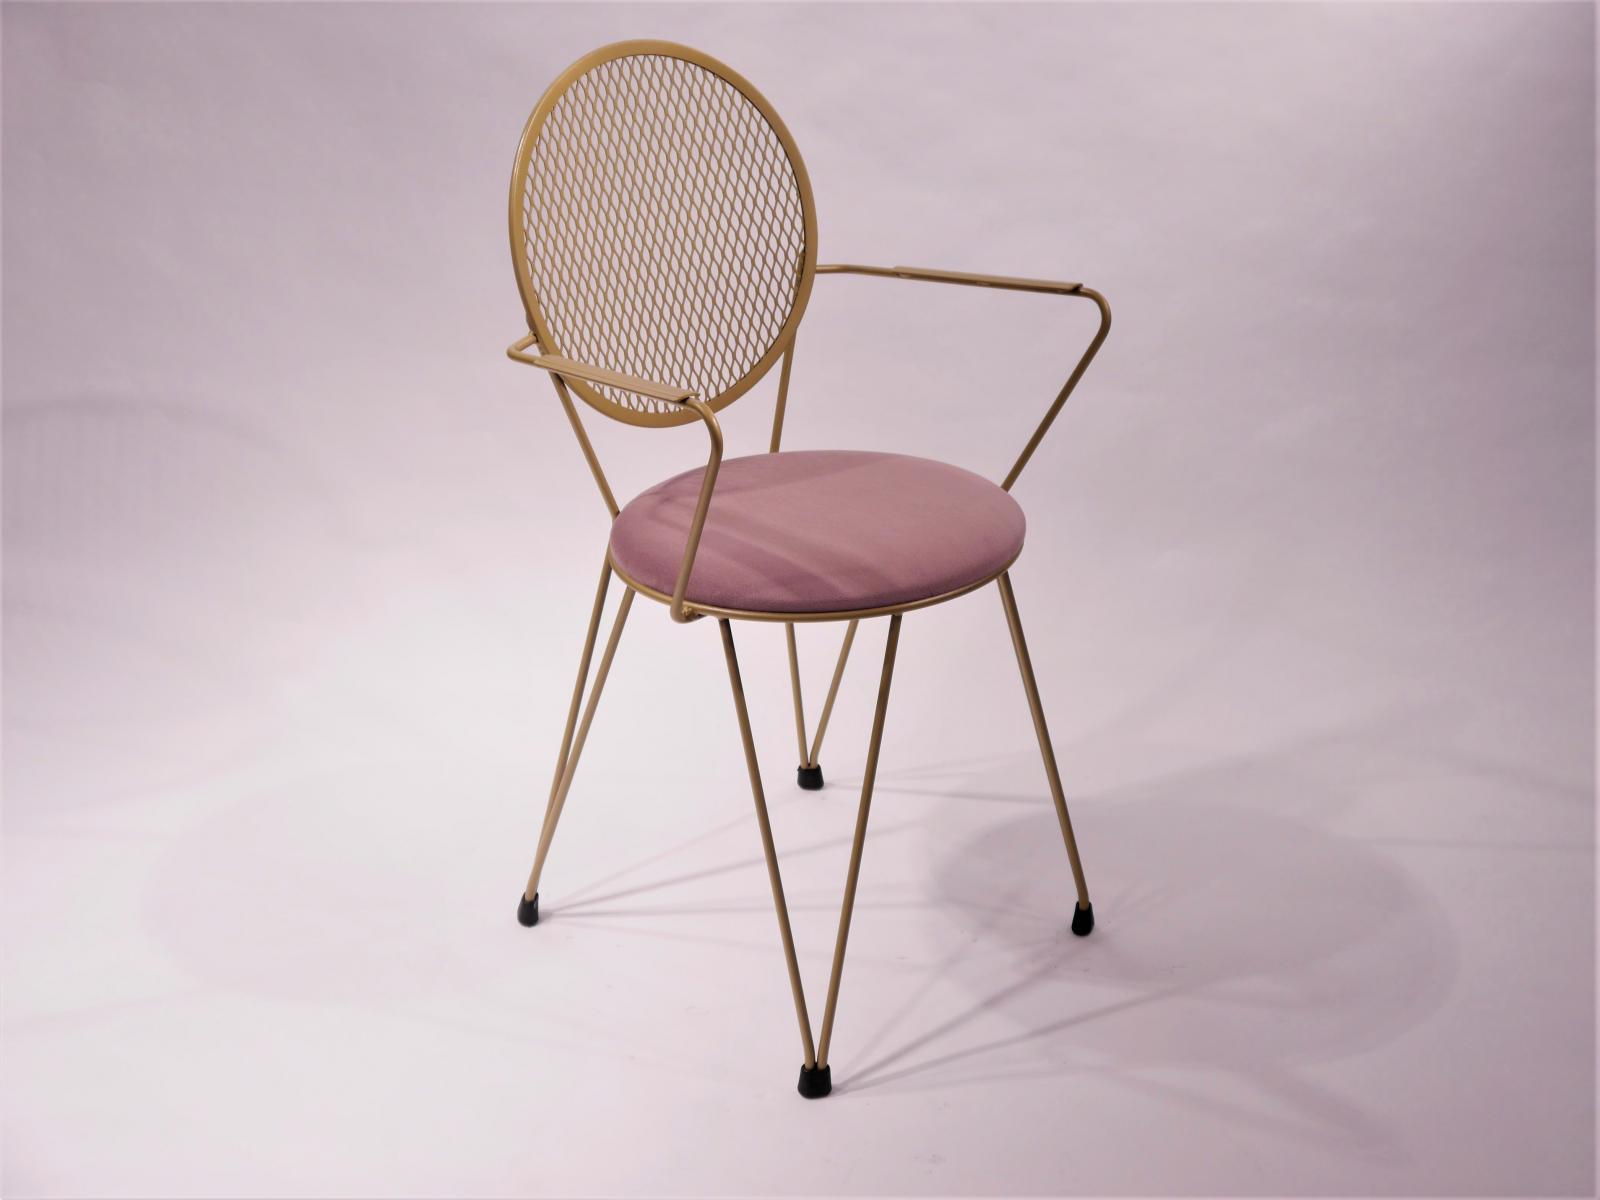 Sillon Mariona estructura pintada dorada asiento tapizado en terciopelo naranja con falso capitone y botones